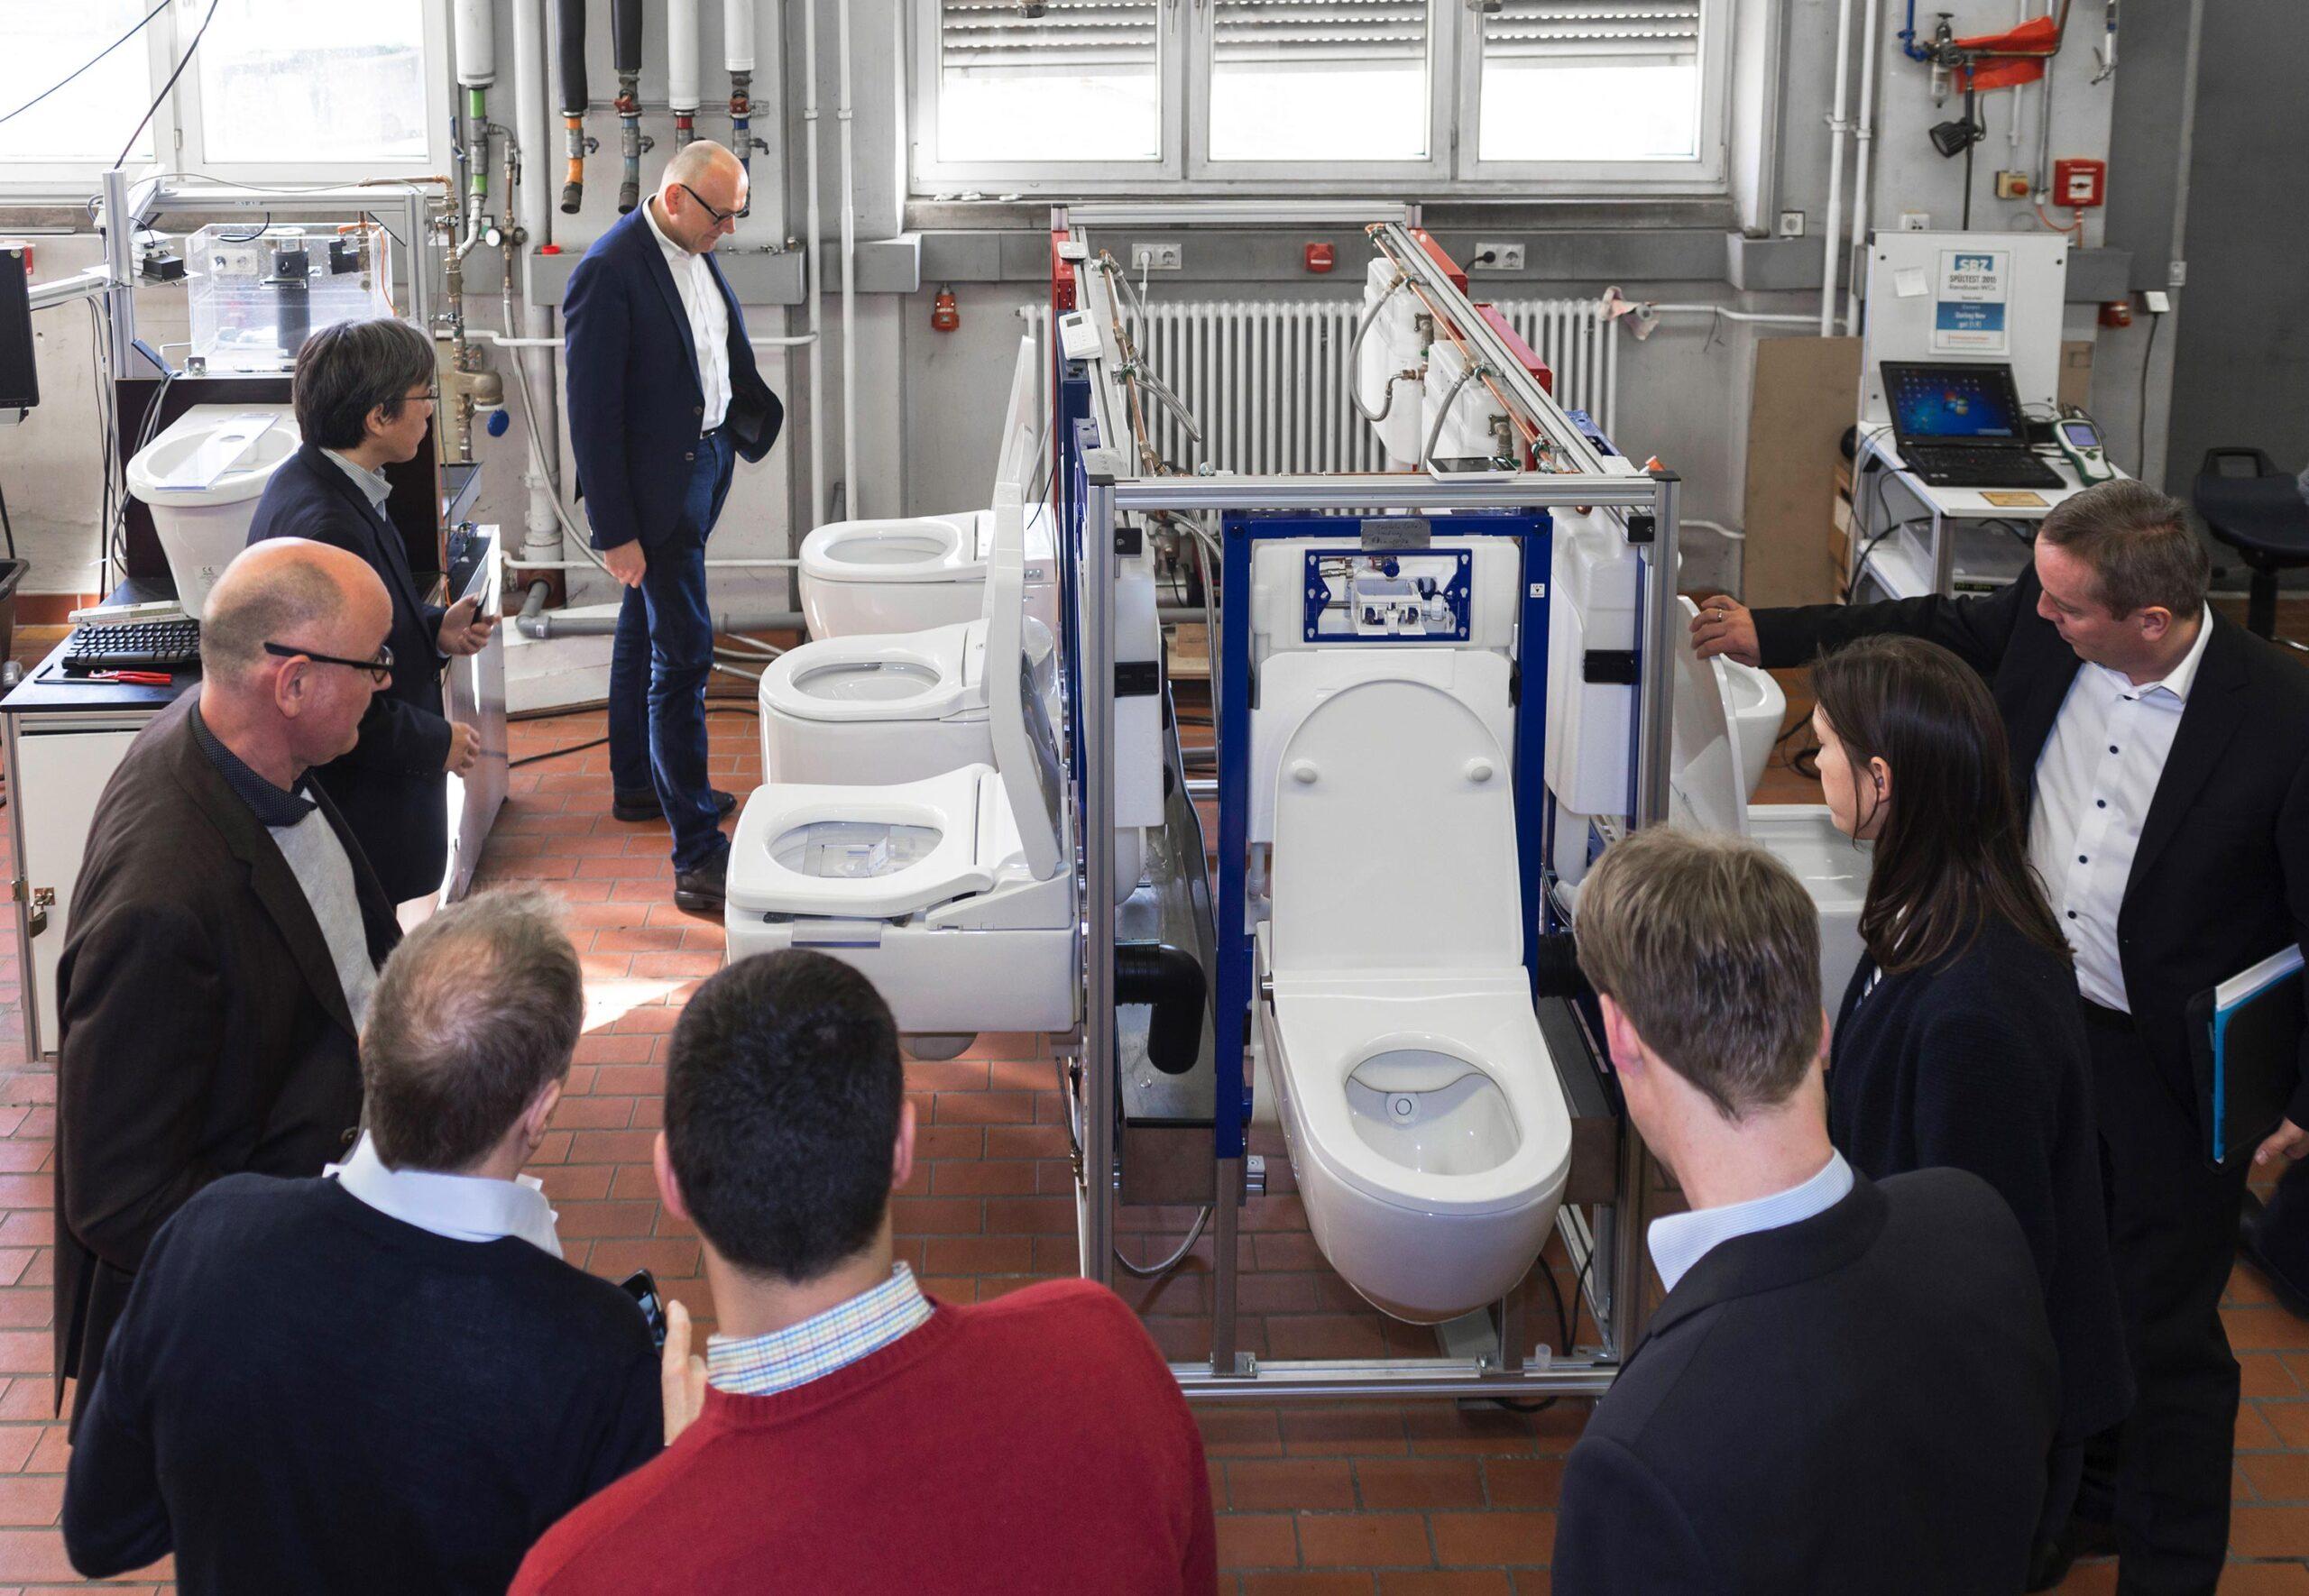 Full Size of Teceone Test Hochschule Esslingen Hat Zehn Dusch Wcs Getestet Nicht Alle Betten Sicherheitsfolie Fenster Drutex Bewässerungssysteme Garten Wc Wohnzimmer Teceone Test